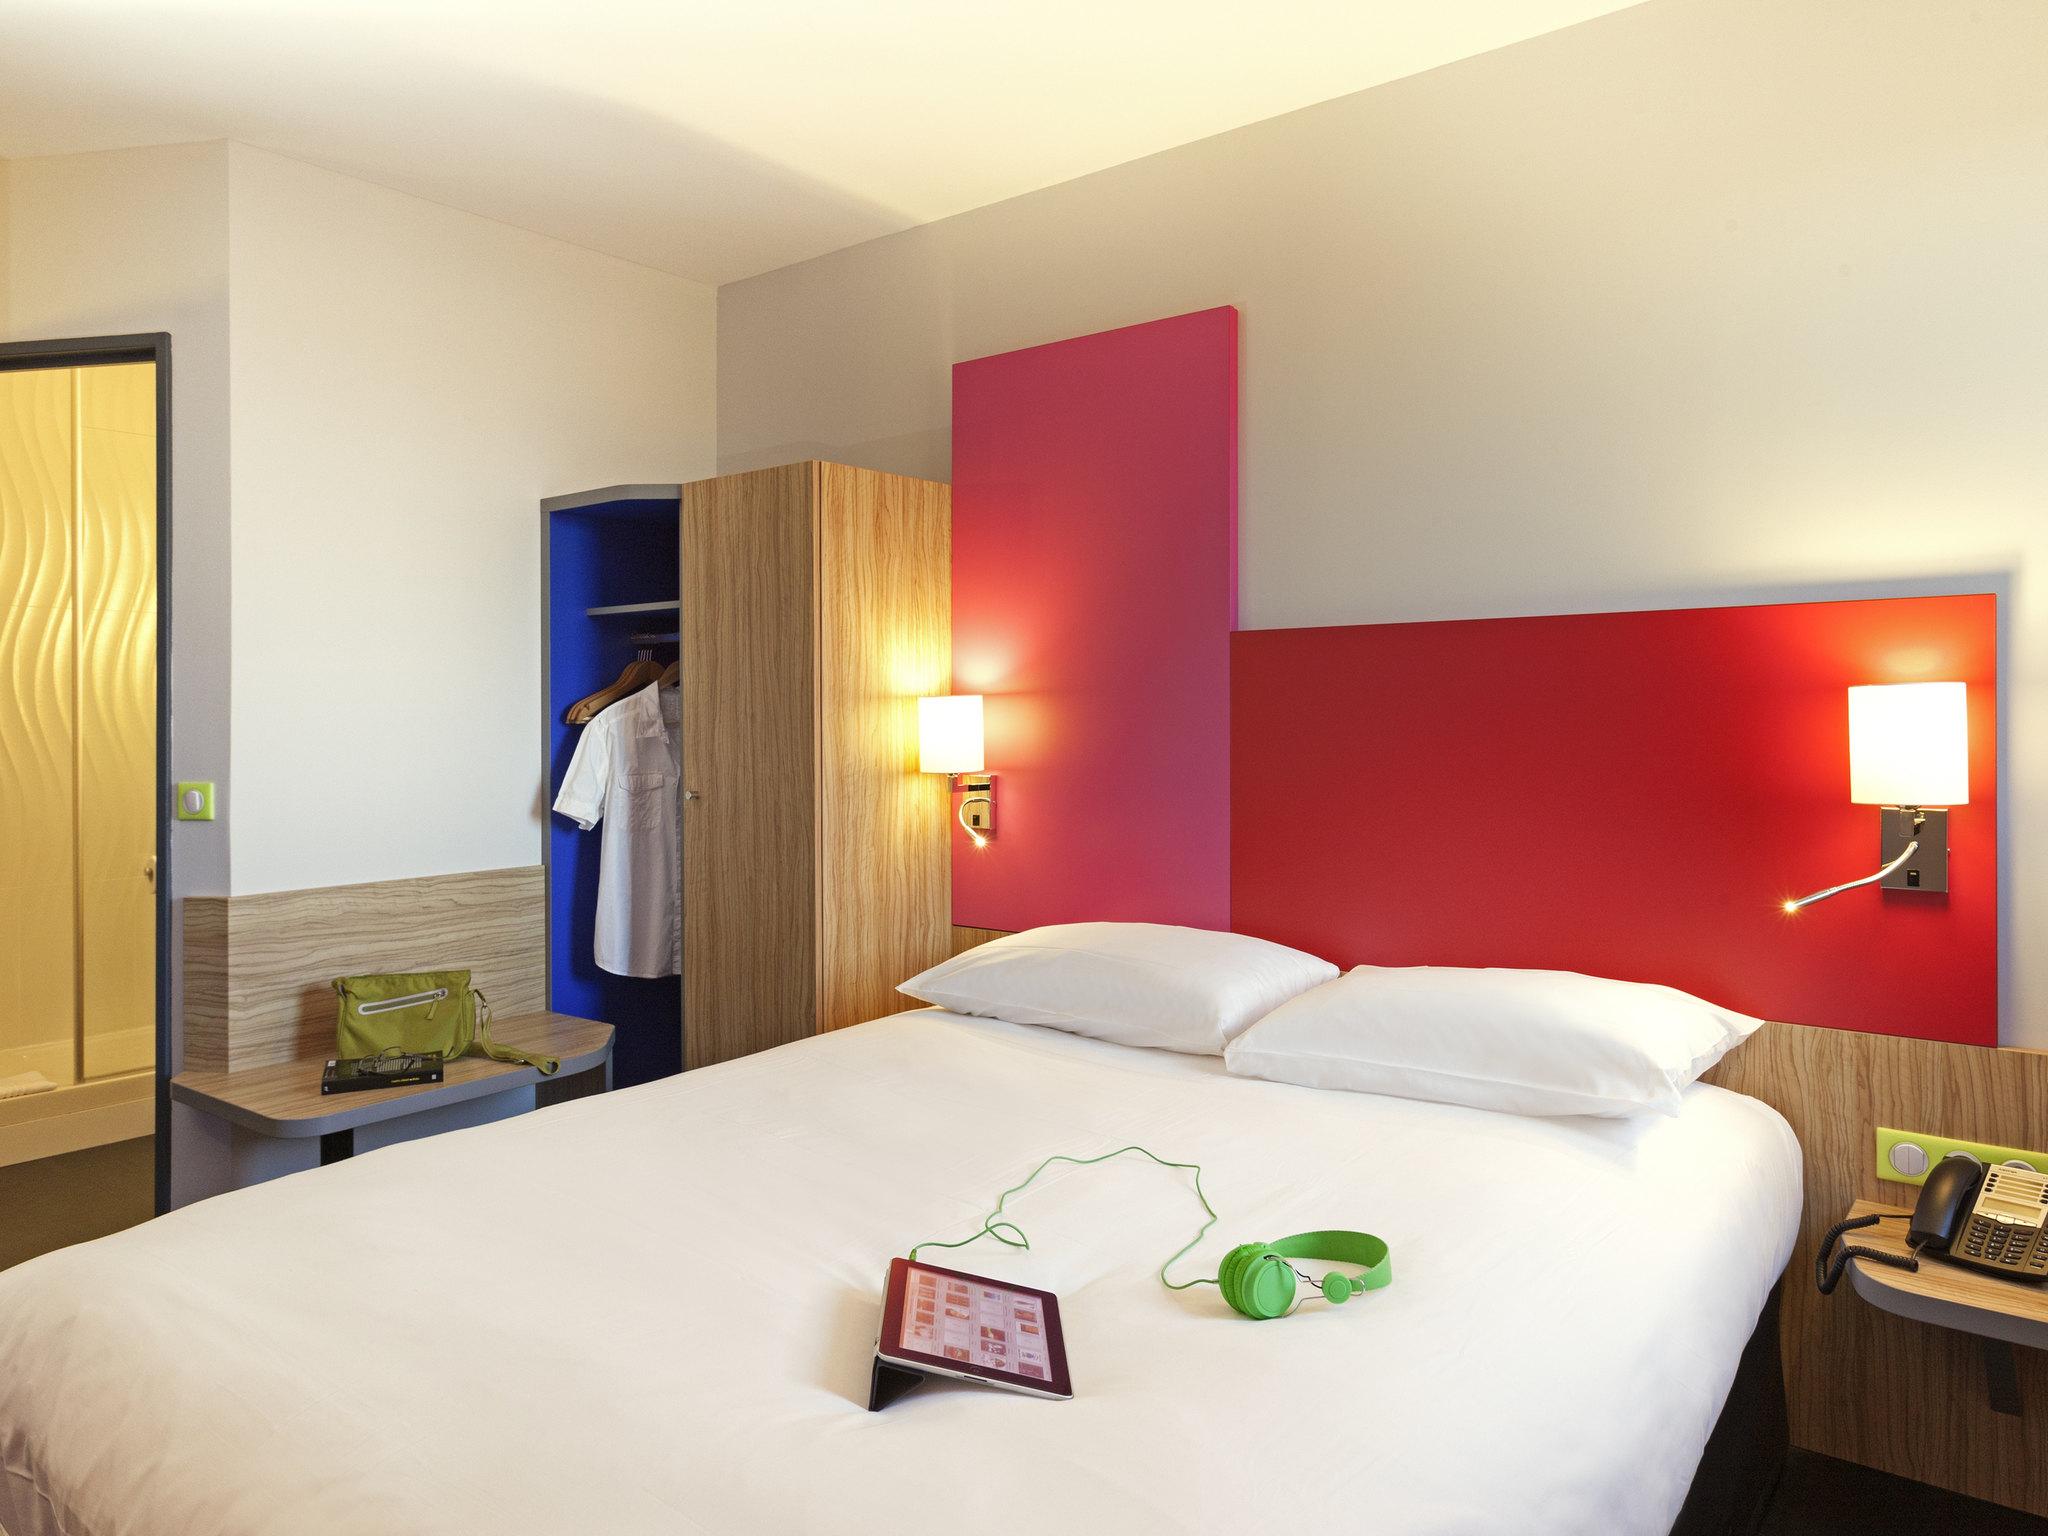 酒店 – 宜必思尚品罗马斯瓦朗斯 TGV 车站酒店